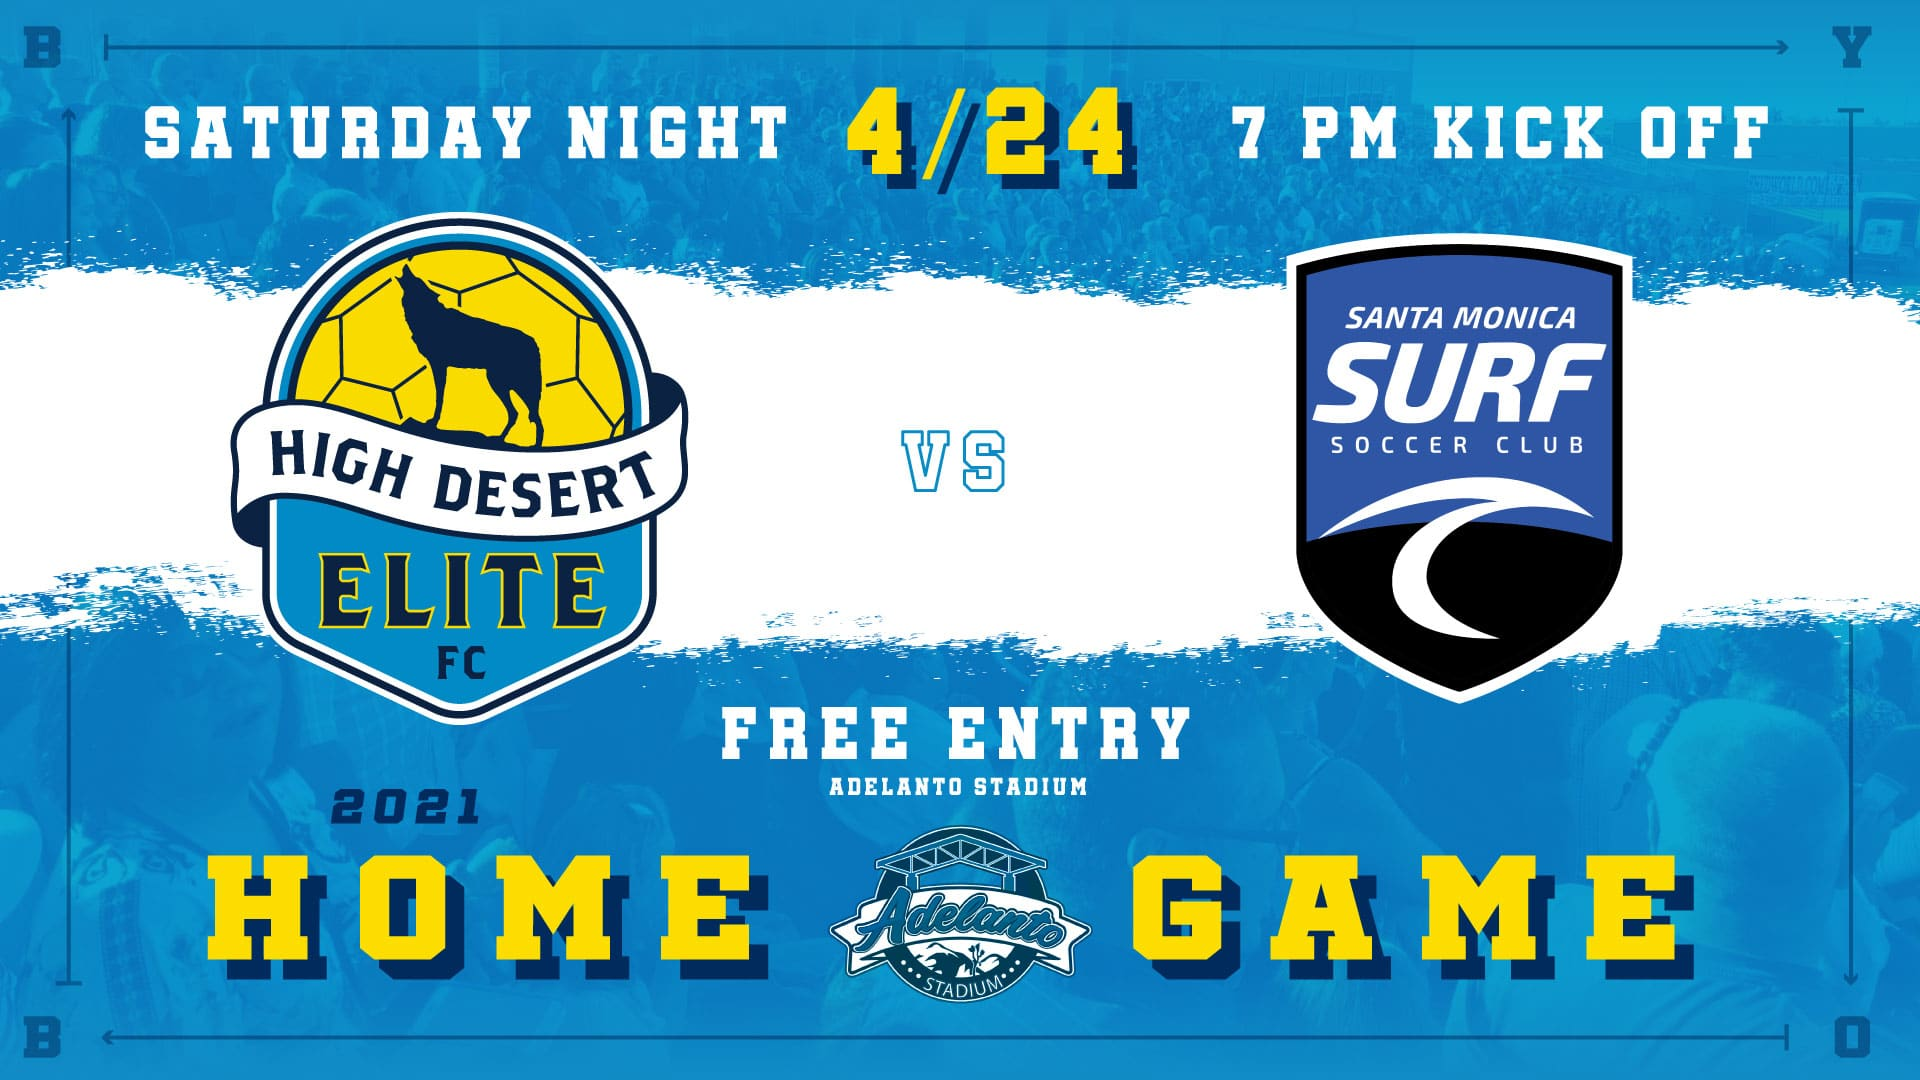 High Desert Elite face Santa Monica Surf SC this Saturday 7pm at Adelanto Stadium